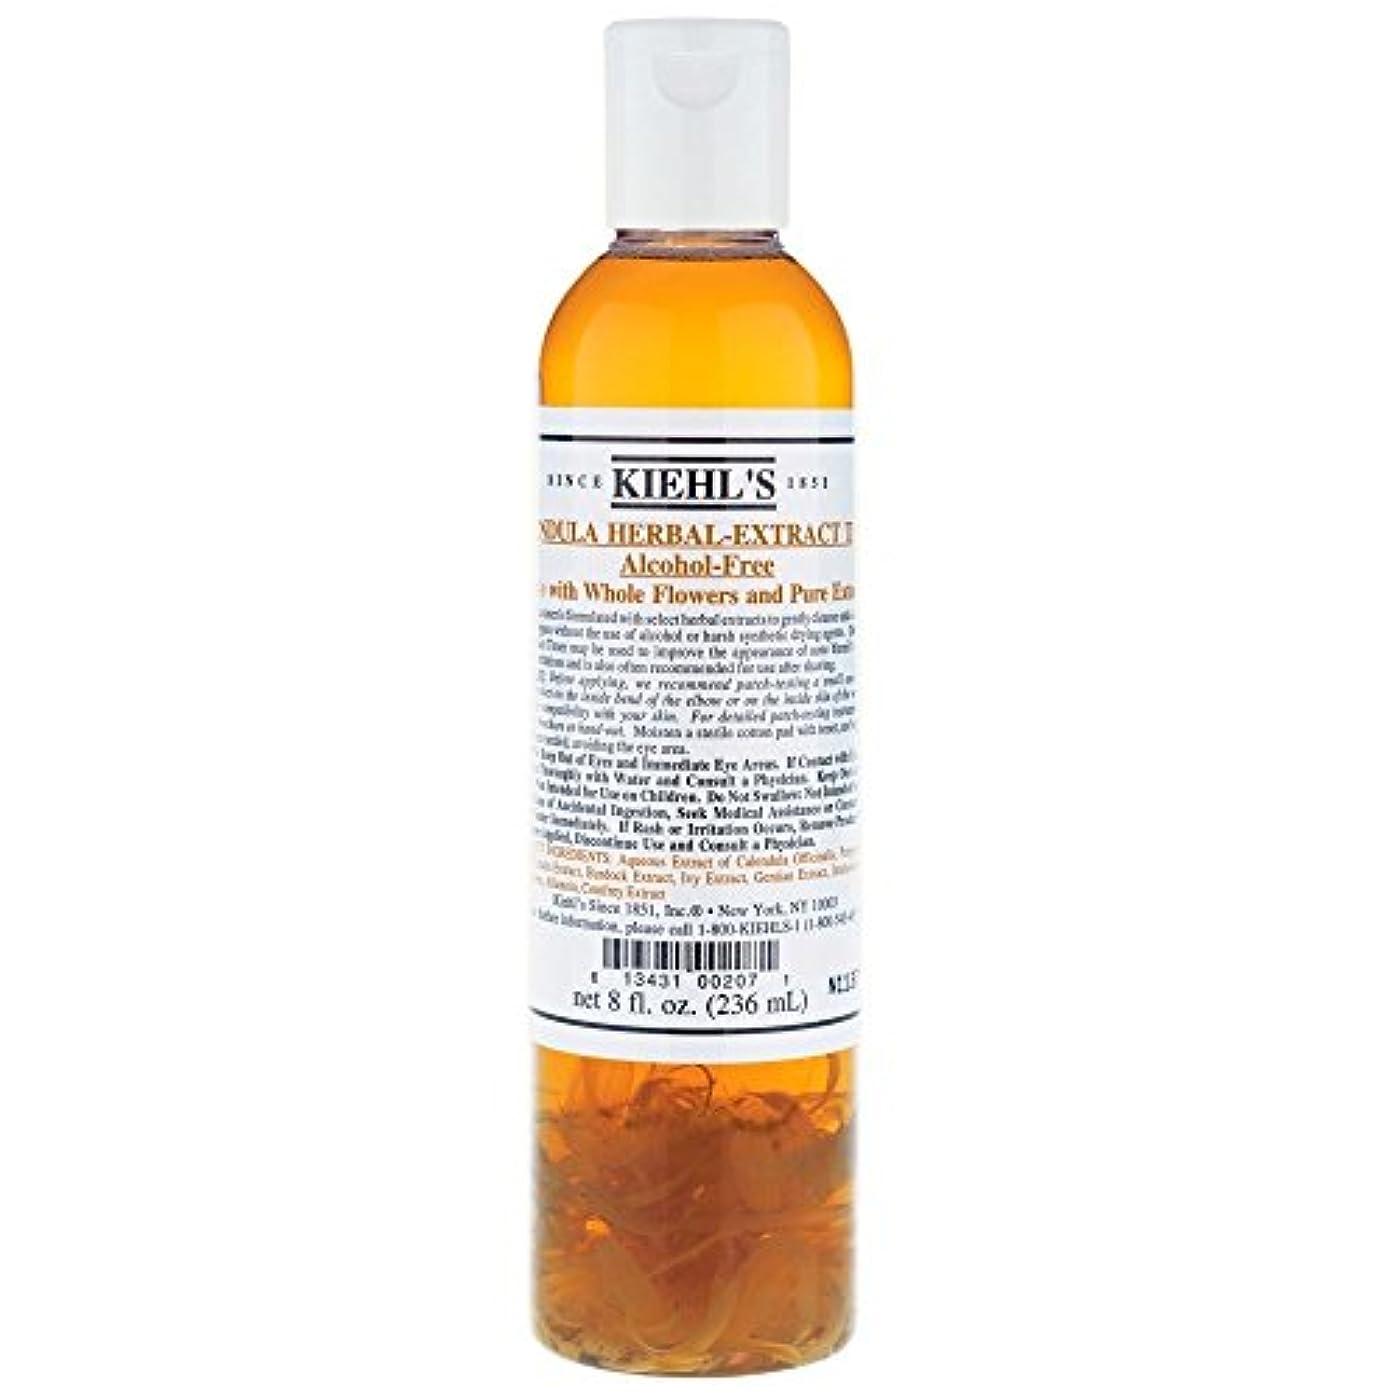 請求可能大声で語[Kiehl's] キールズカレンデュラハーブエキスアルコールフリートナー500ミリリットル - Kiehl's Calendula Herbal Extract Alcohol-Free Toner 500ml [並行輸入品]